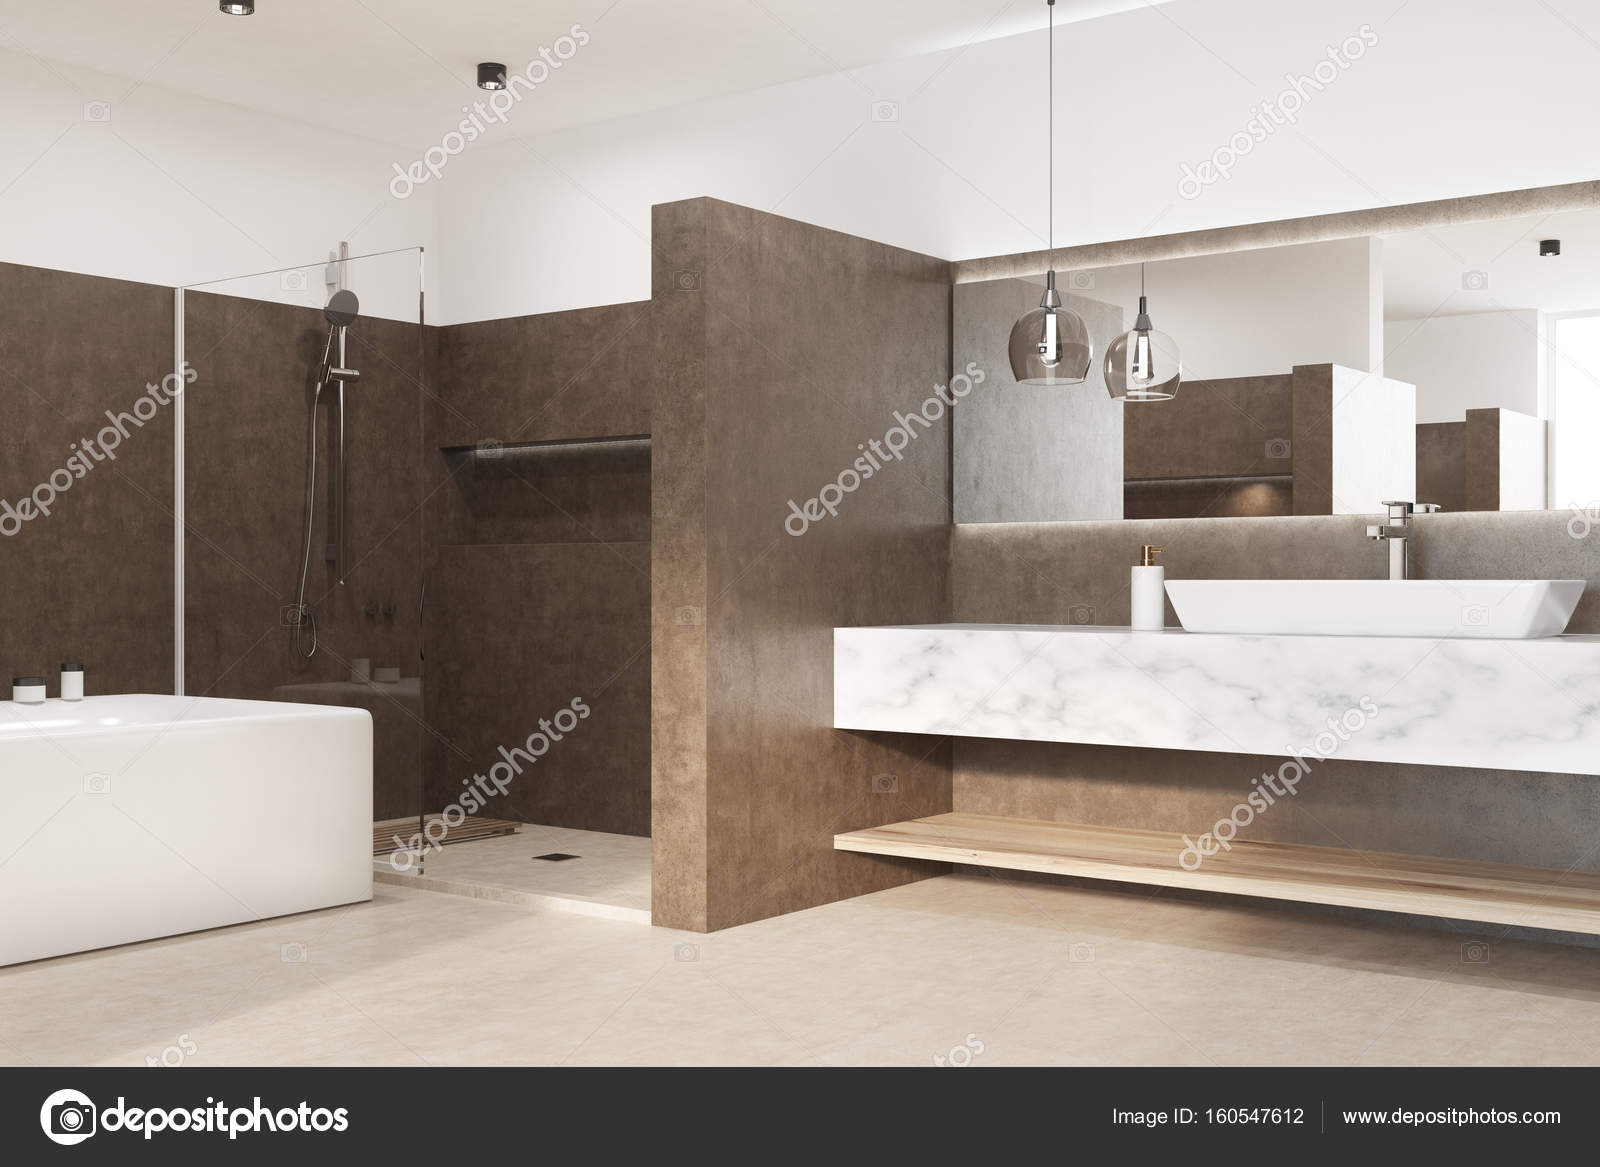 Lavello Bagno Angolare : Rosolare il bagno con una vasca angolare lavello u foto stock